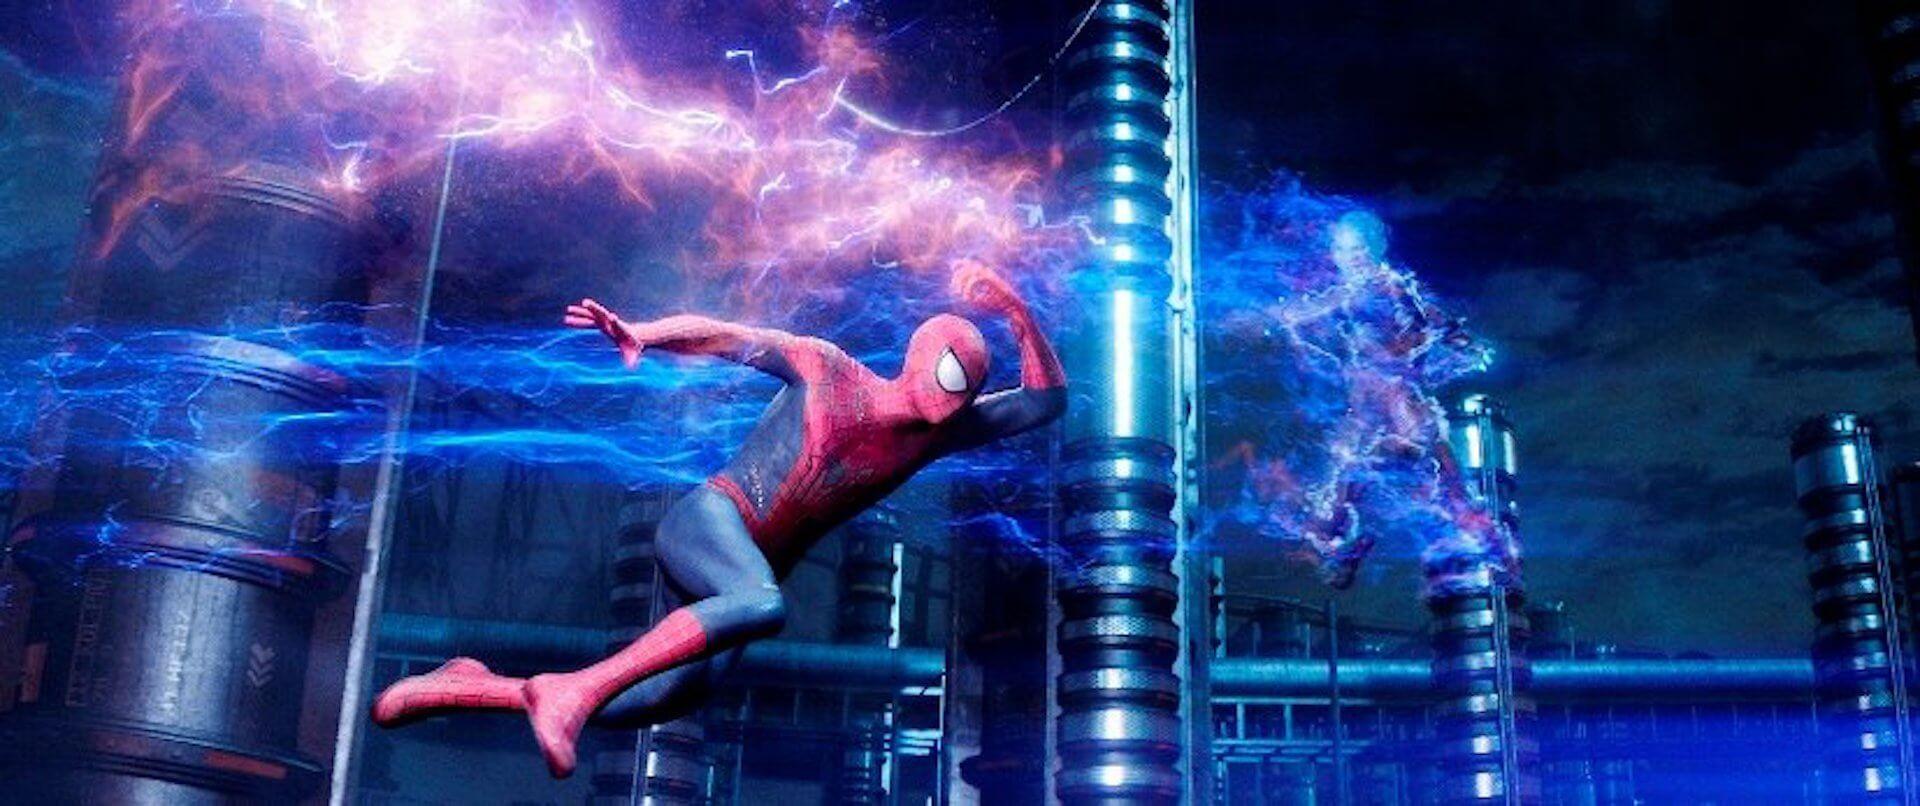 マーベル・スタジオ版「スパイダーマン3」に「アメイジング・スパイダーマン」のエレクトロが帰ってくる!?ジェイミー・フォックスが出演か film201002_spiderman_1